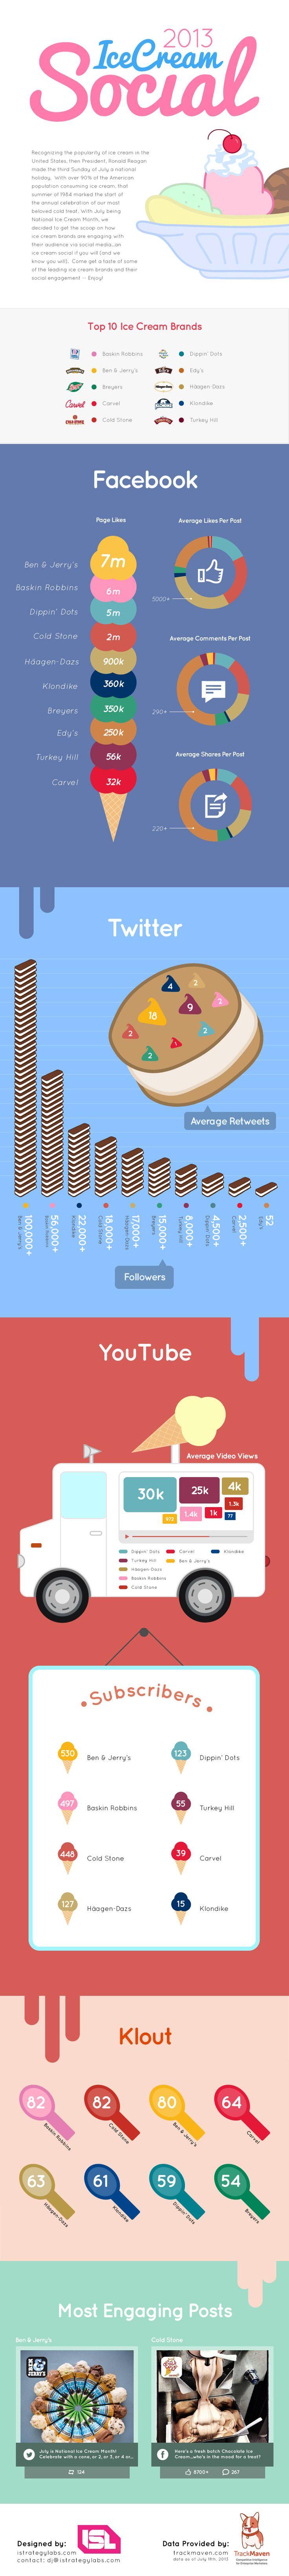 Come si comportano i colossi mondiali del gelato sui social? #infografica